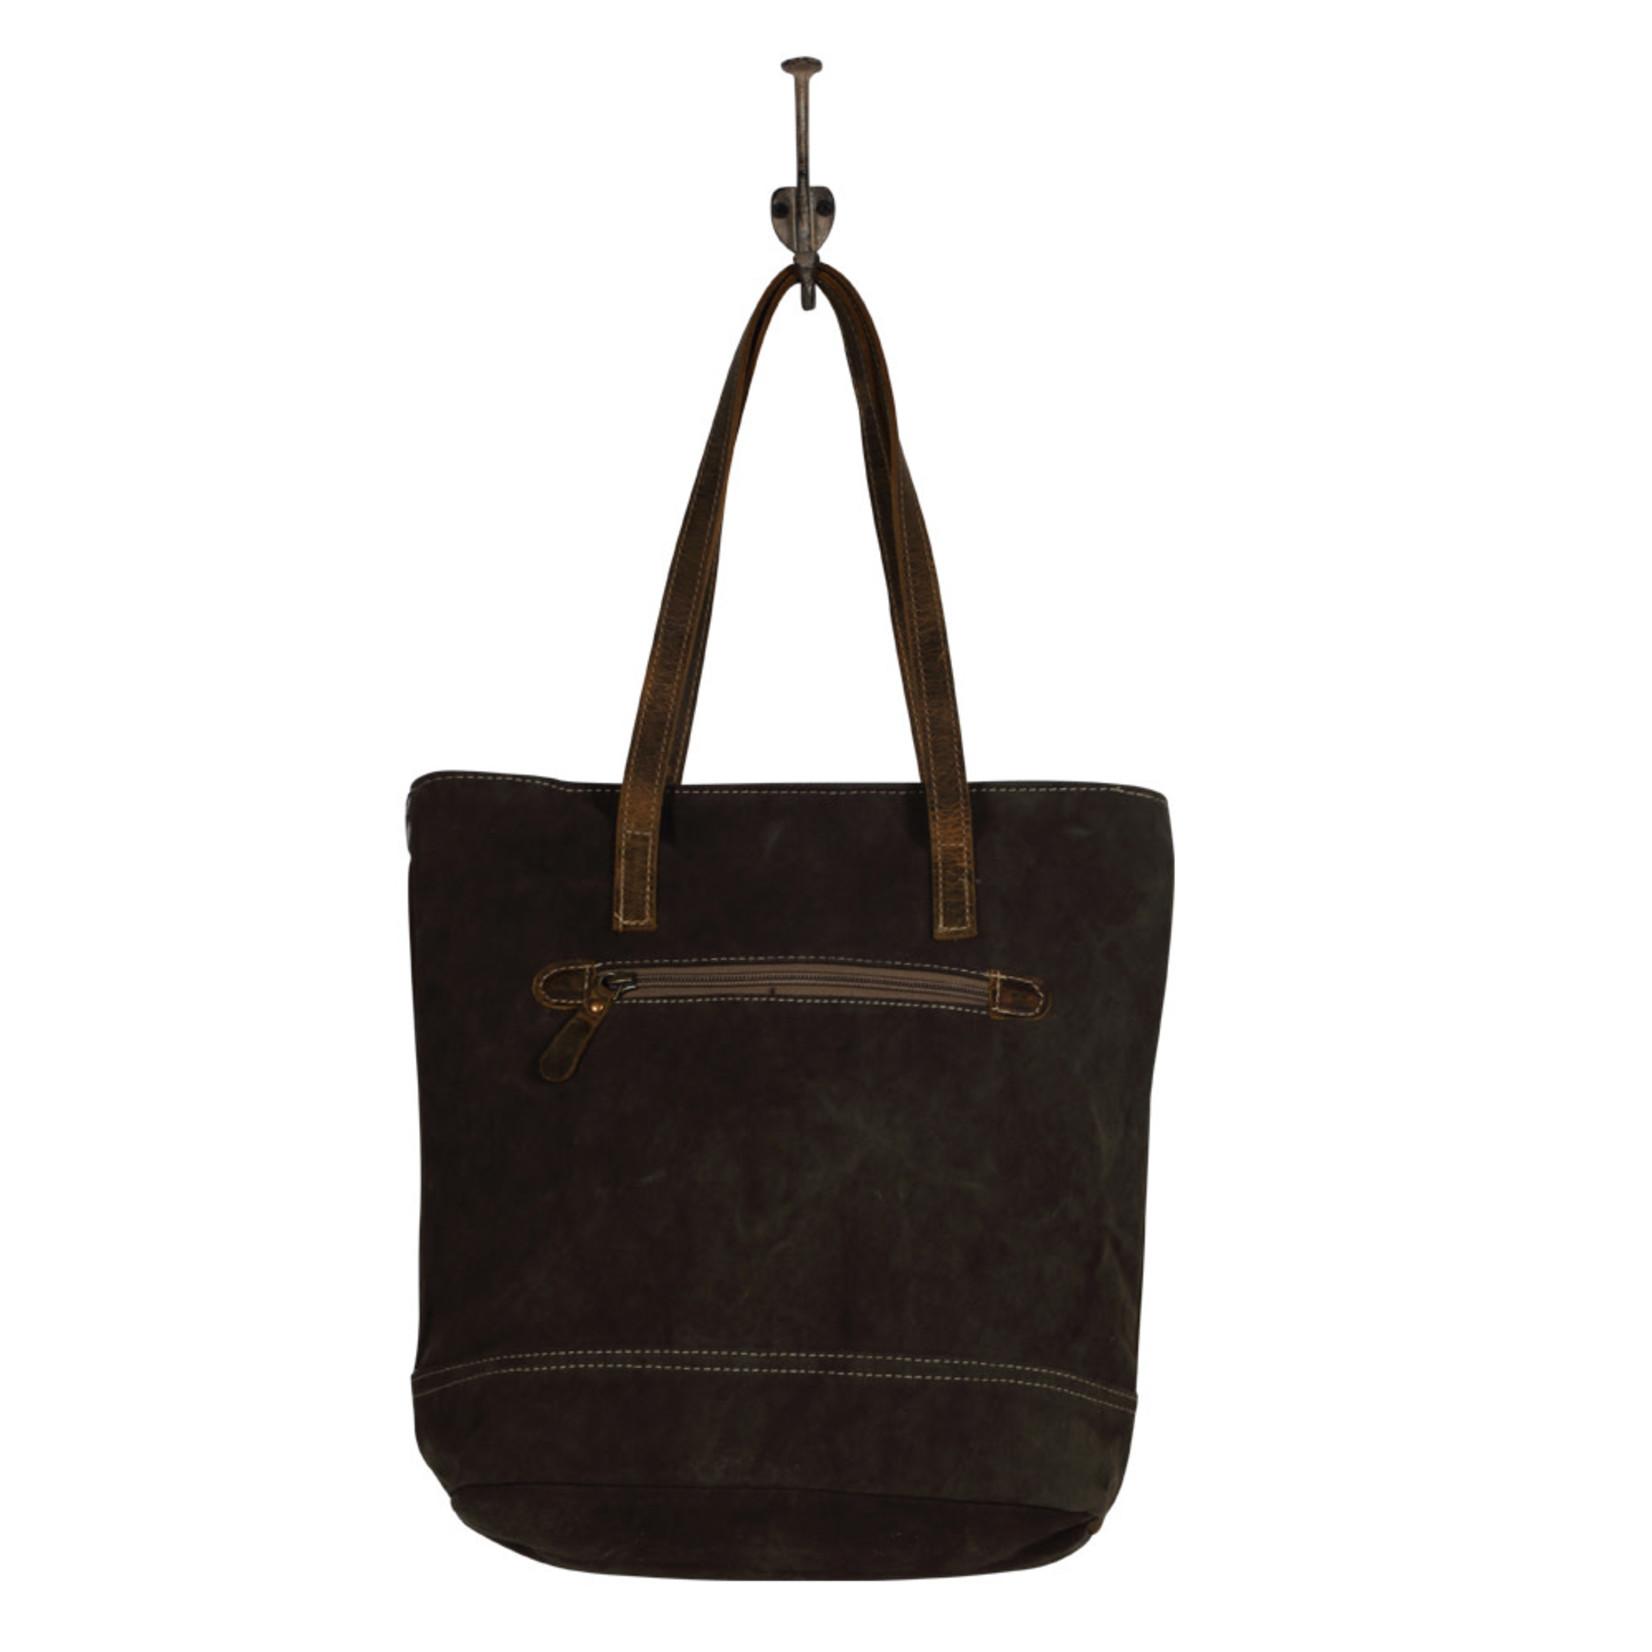 Myra Bags S-2023 Jagster Tote Bag